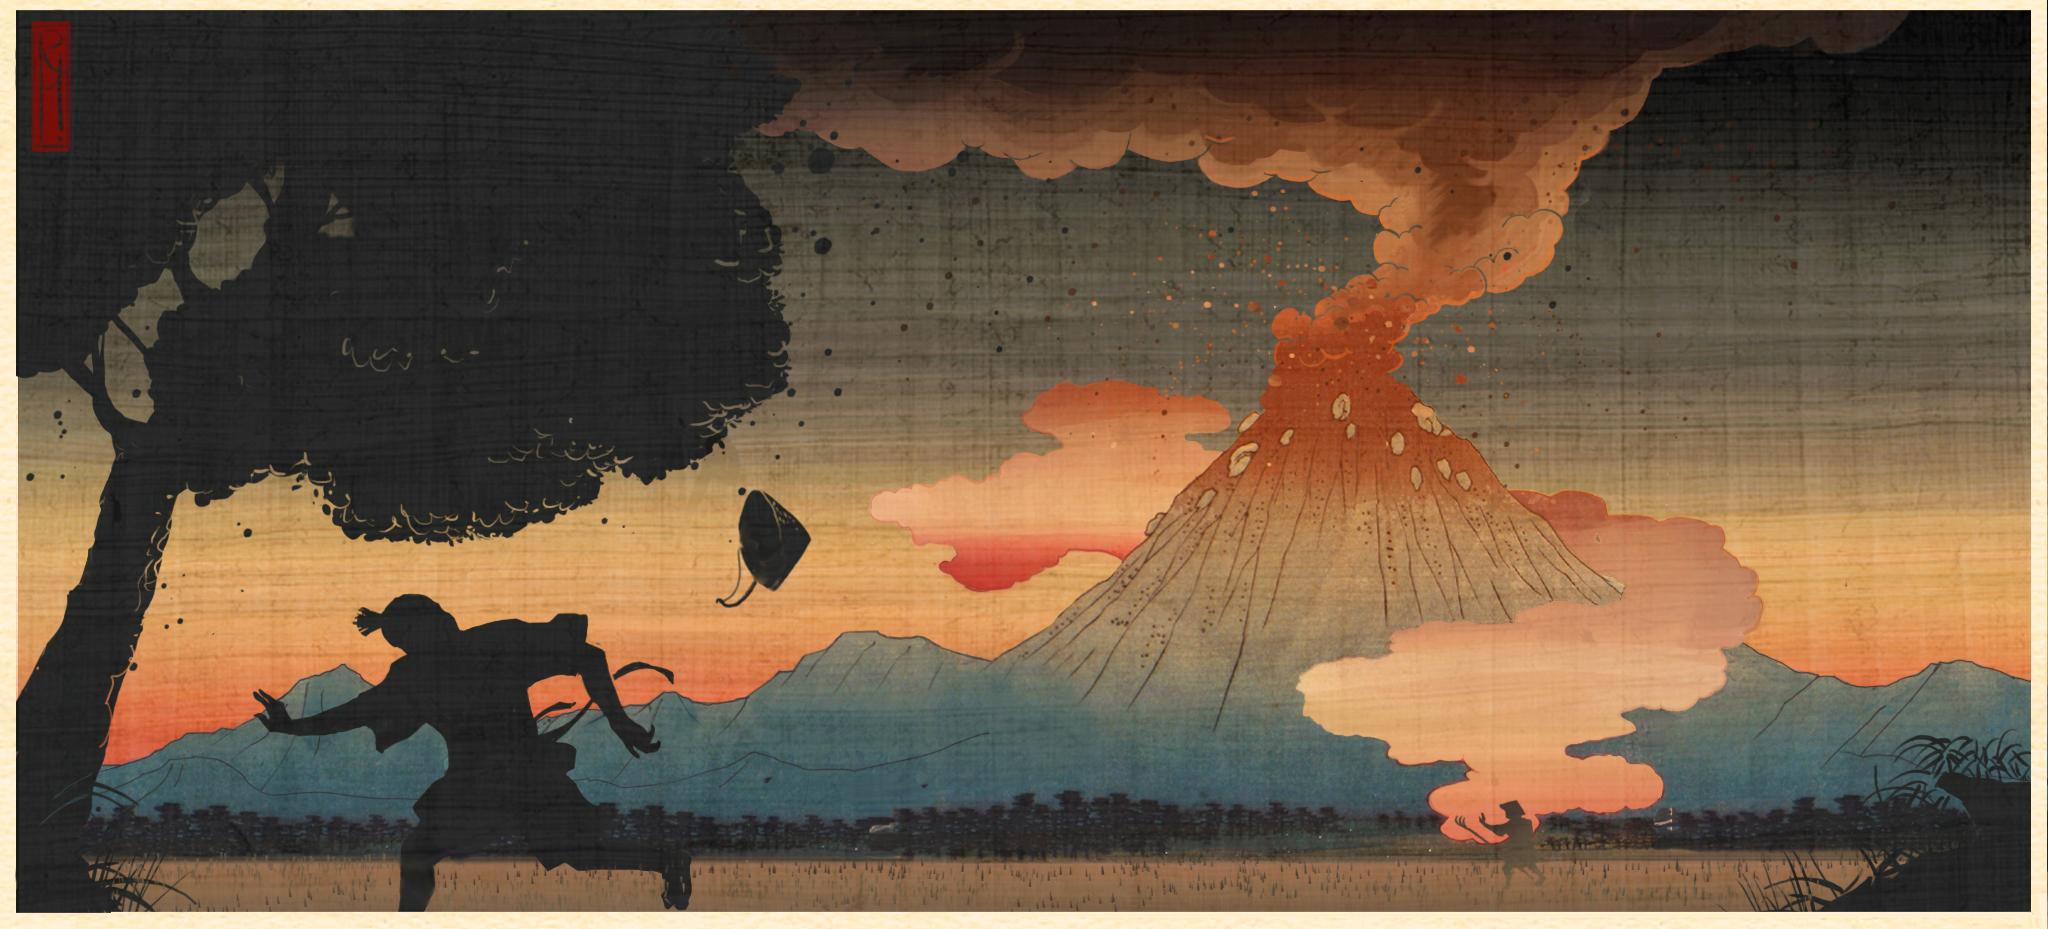 Disaster_Volcano.jpg